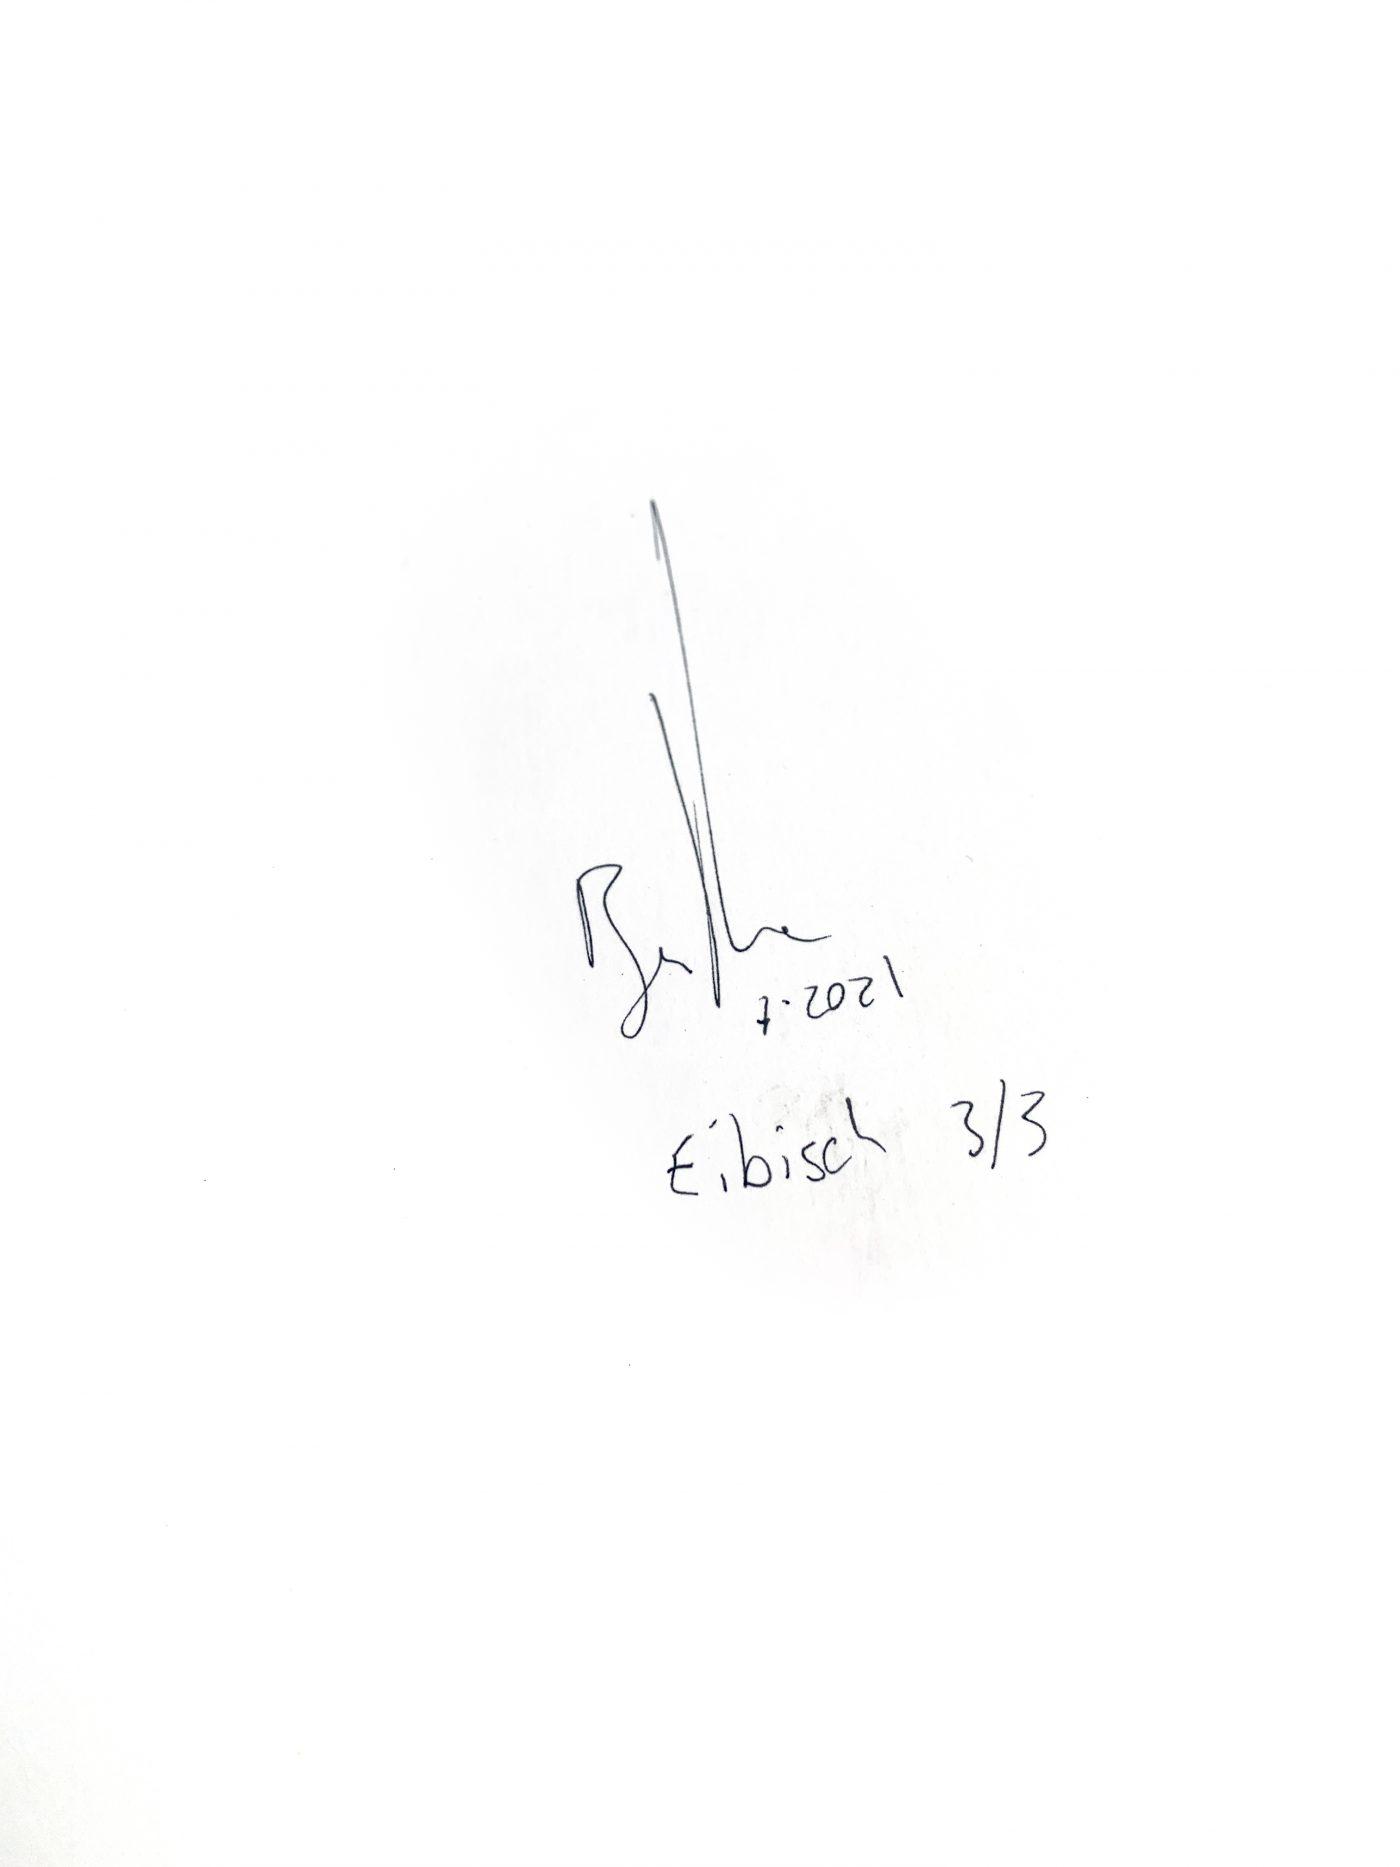 Eibisch 2/3